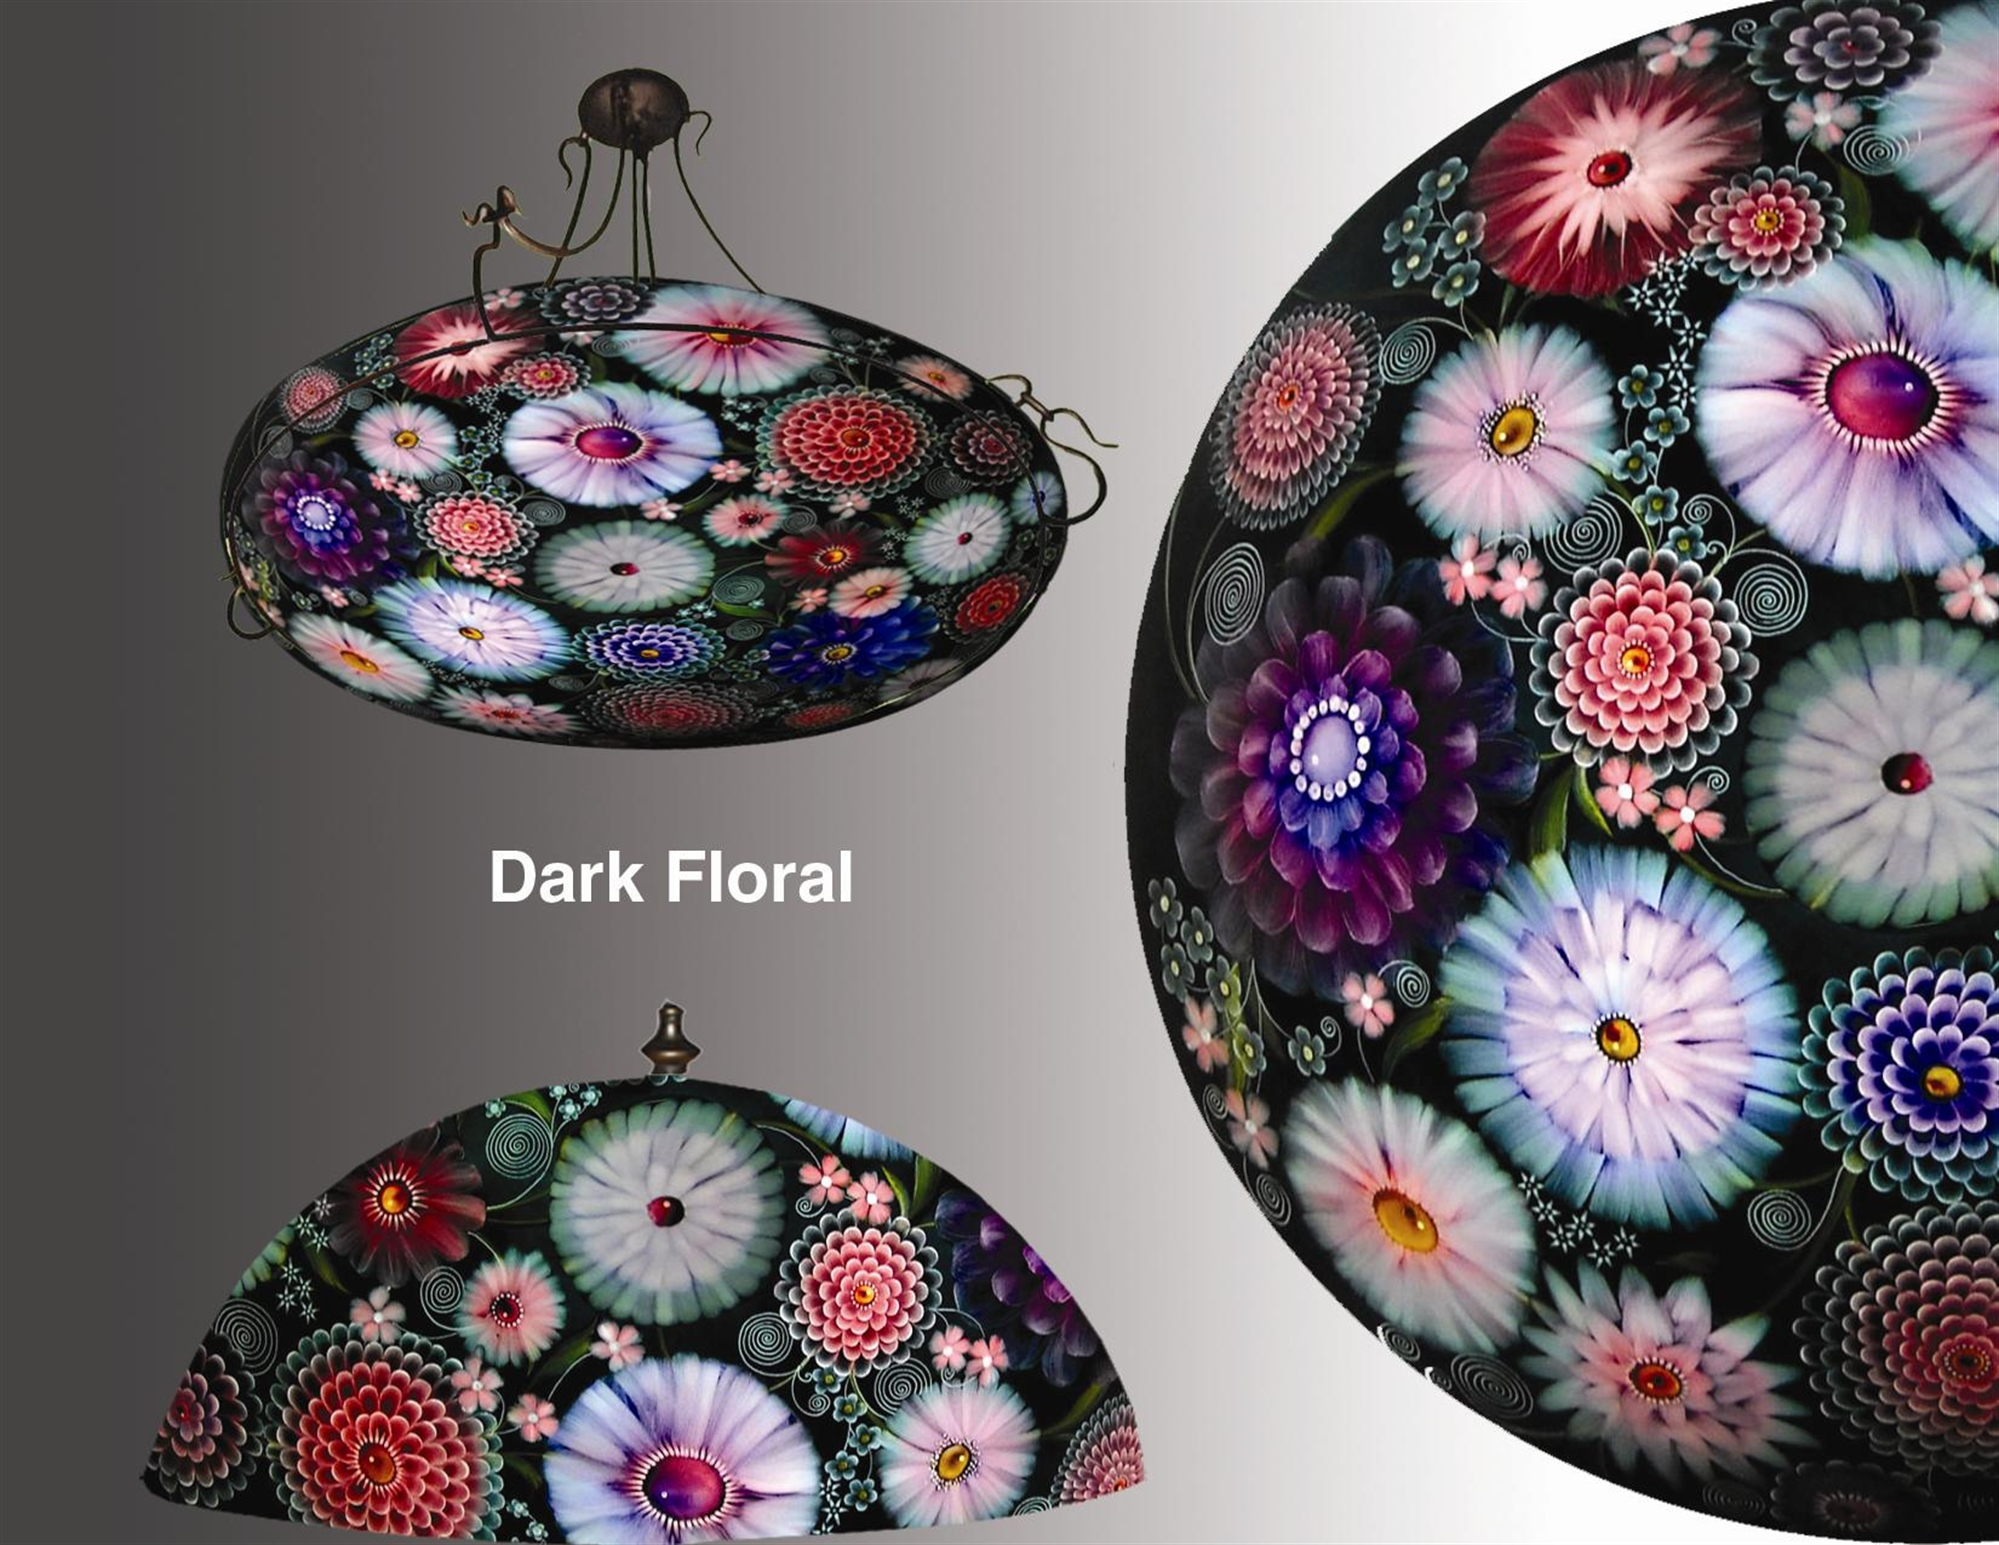 Design Dark Floral by Jamie Barthel